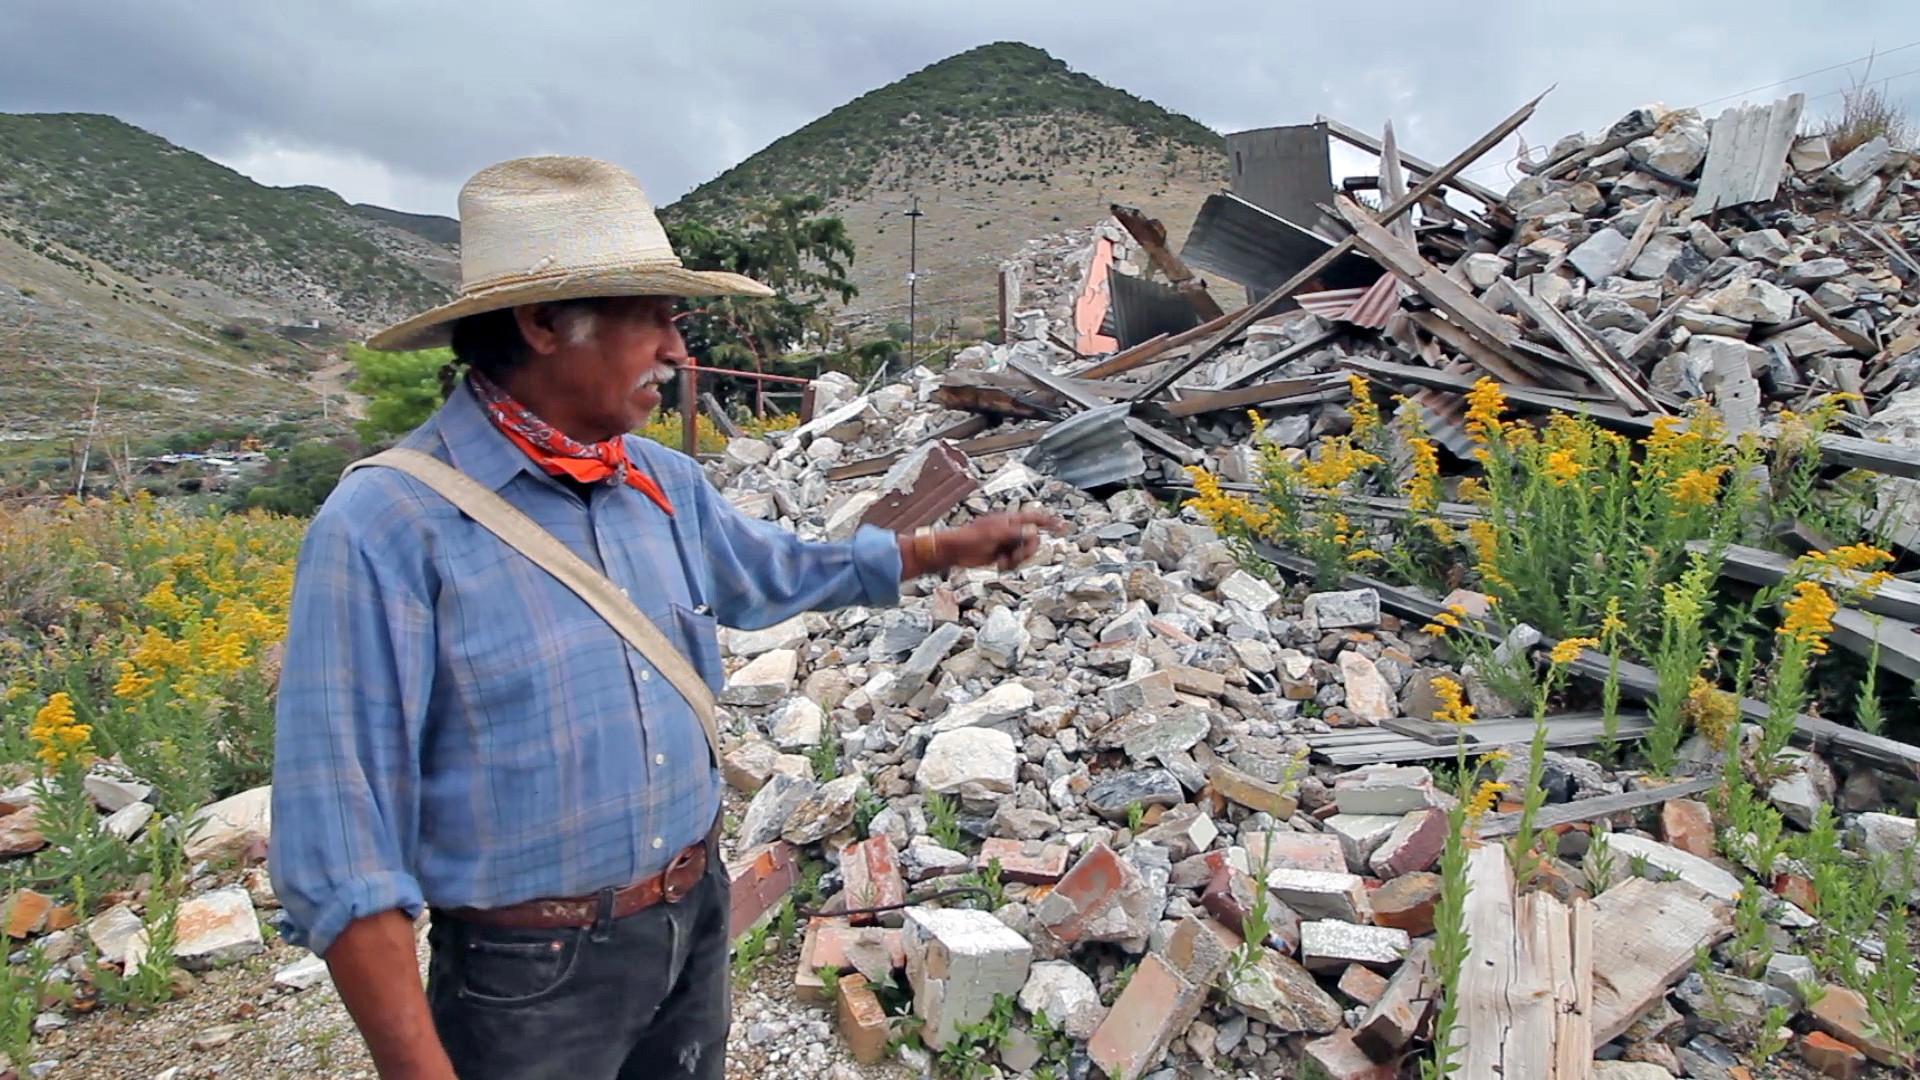 El campesino que lucha contra una minera de Carlos Slim para impedir la desaparición de su pueblo